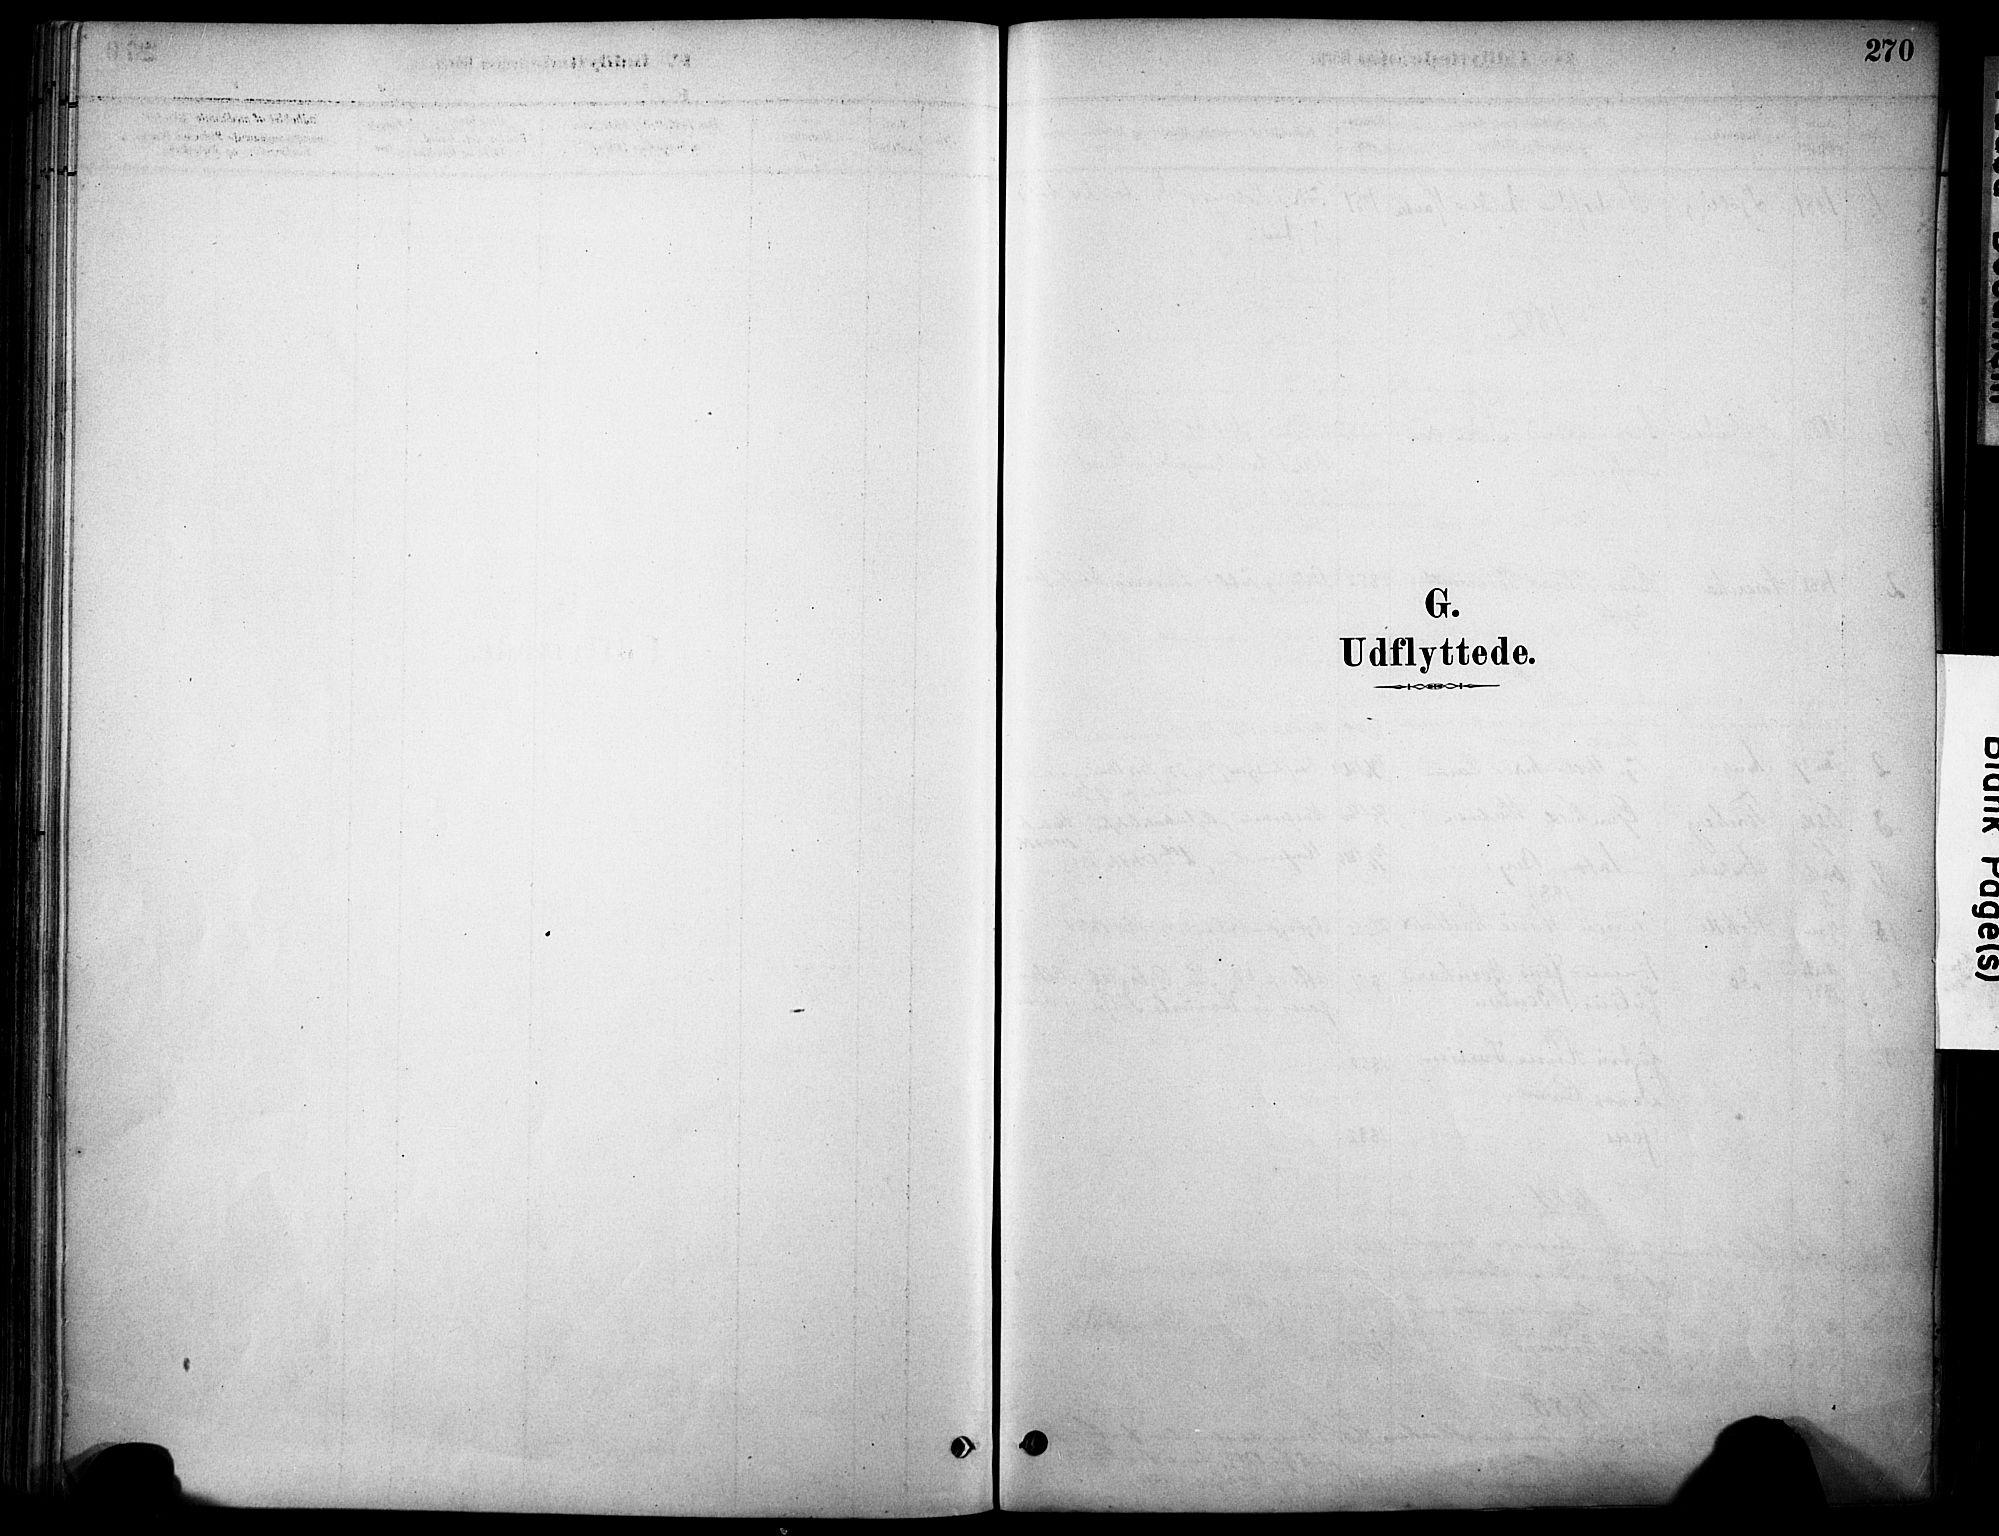 SAKO, Sandefjord kirkebøker, F/Fa/L0002: Ministerialbok nr. 2, 1880-1894, s. 270